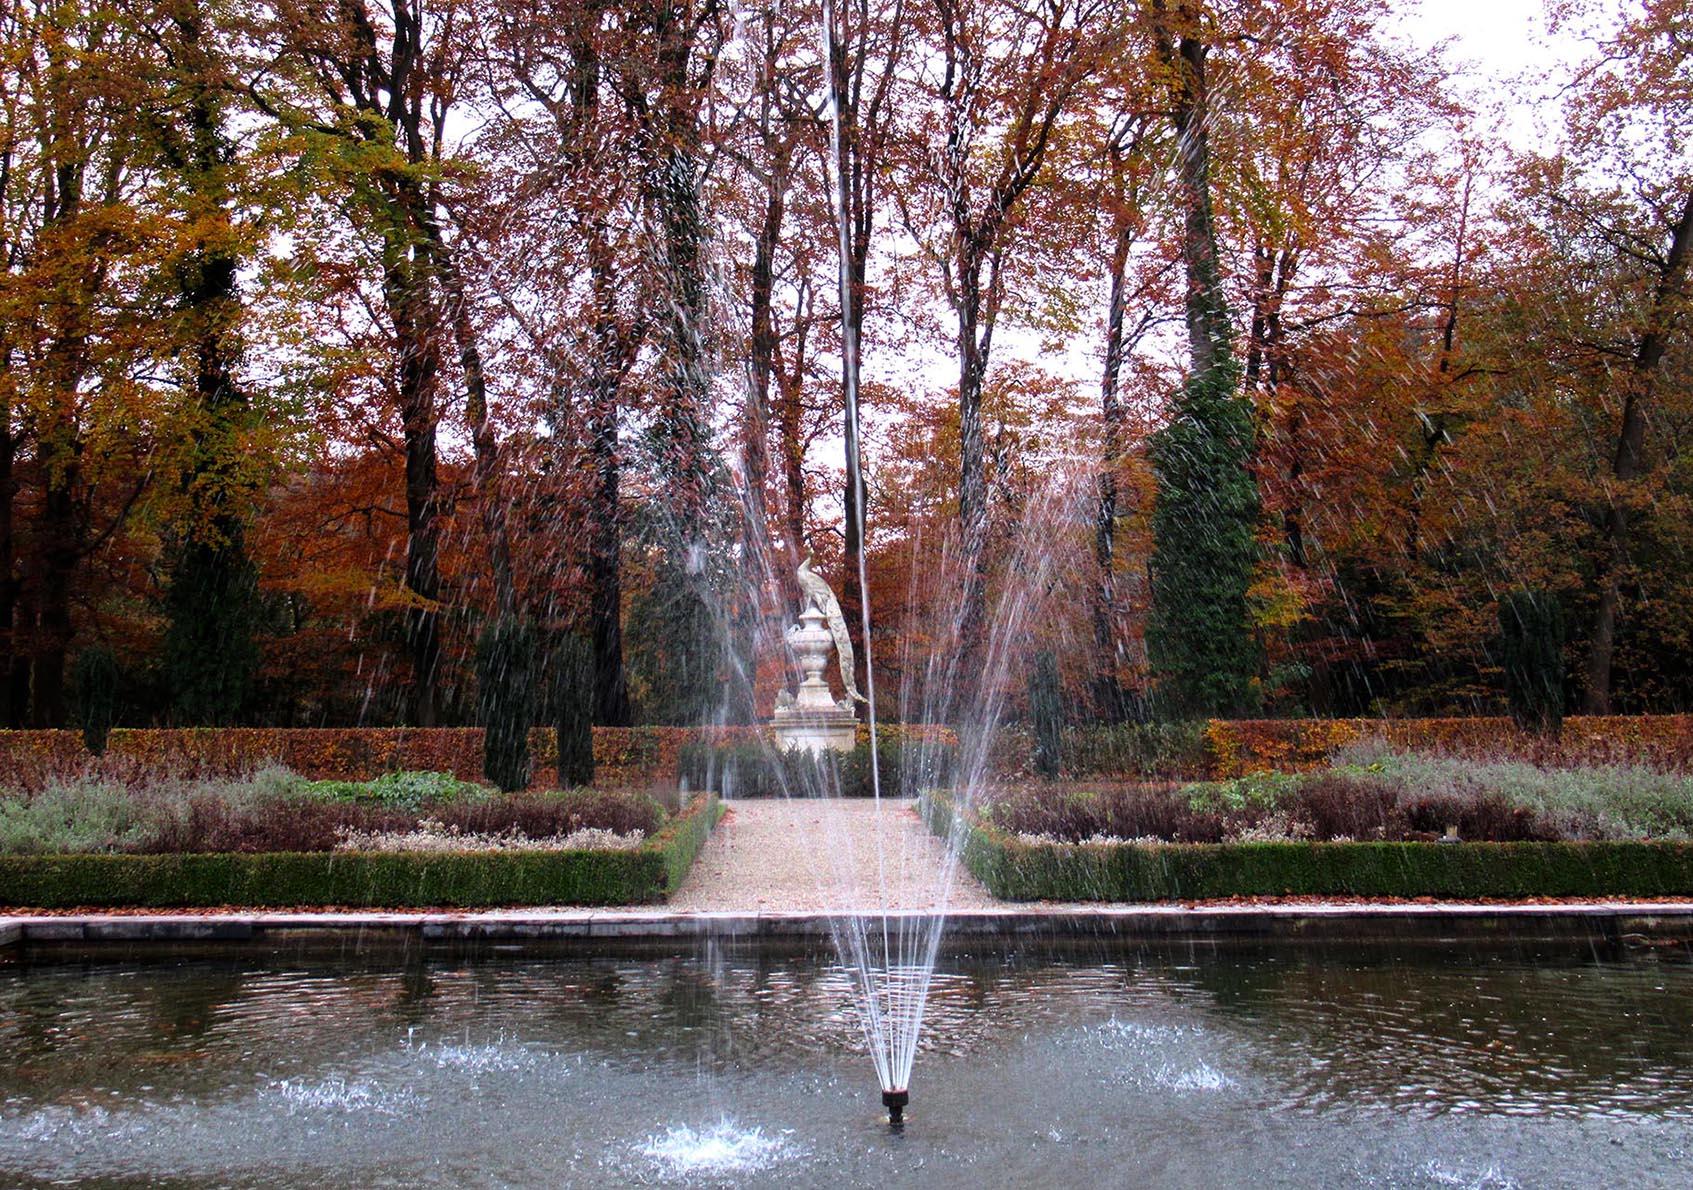 De fontein in de kasteeltuin met daachter de witte pauw - Foto: ©Fransien Fraanje